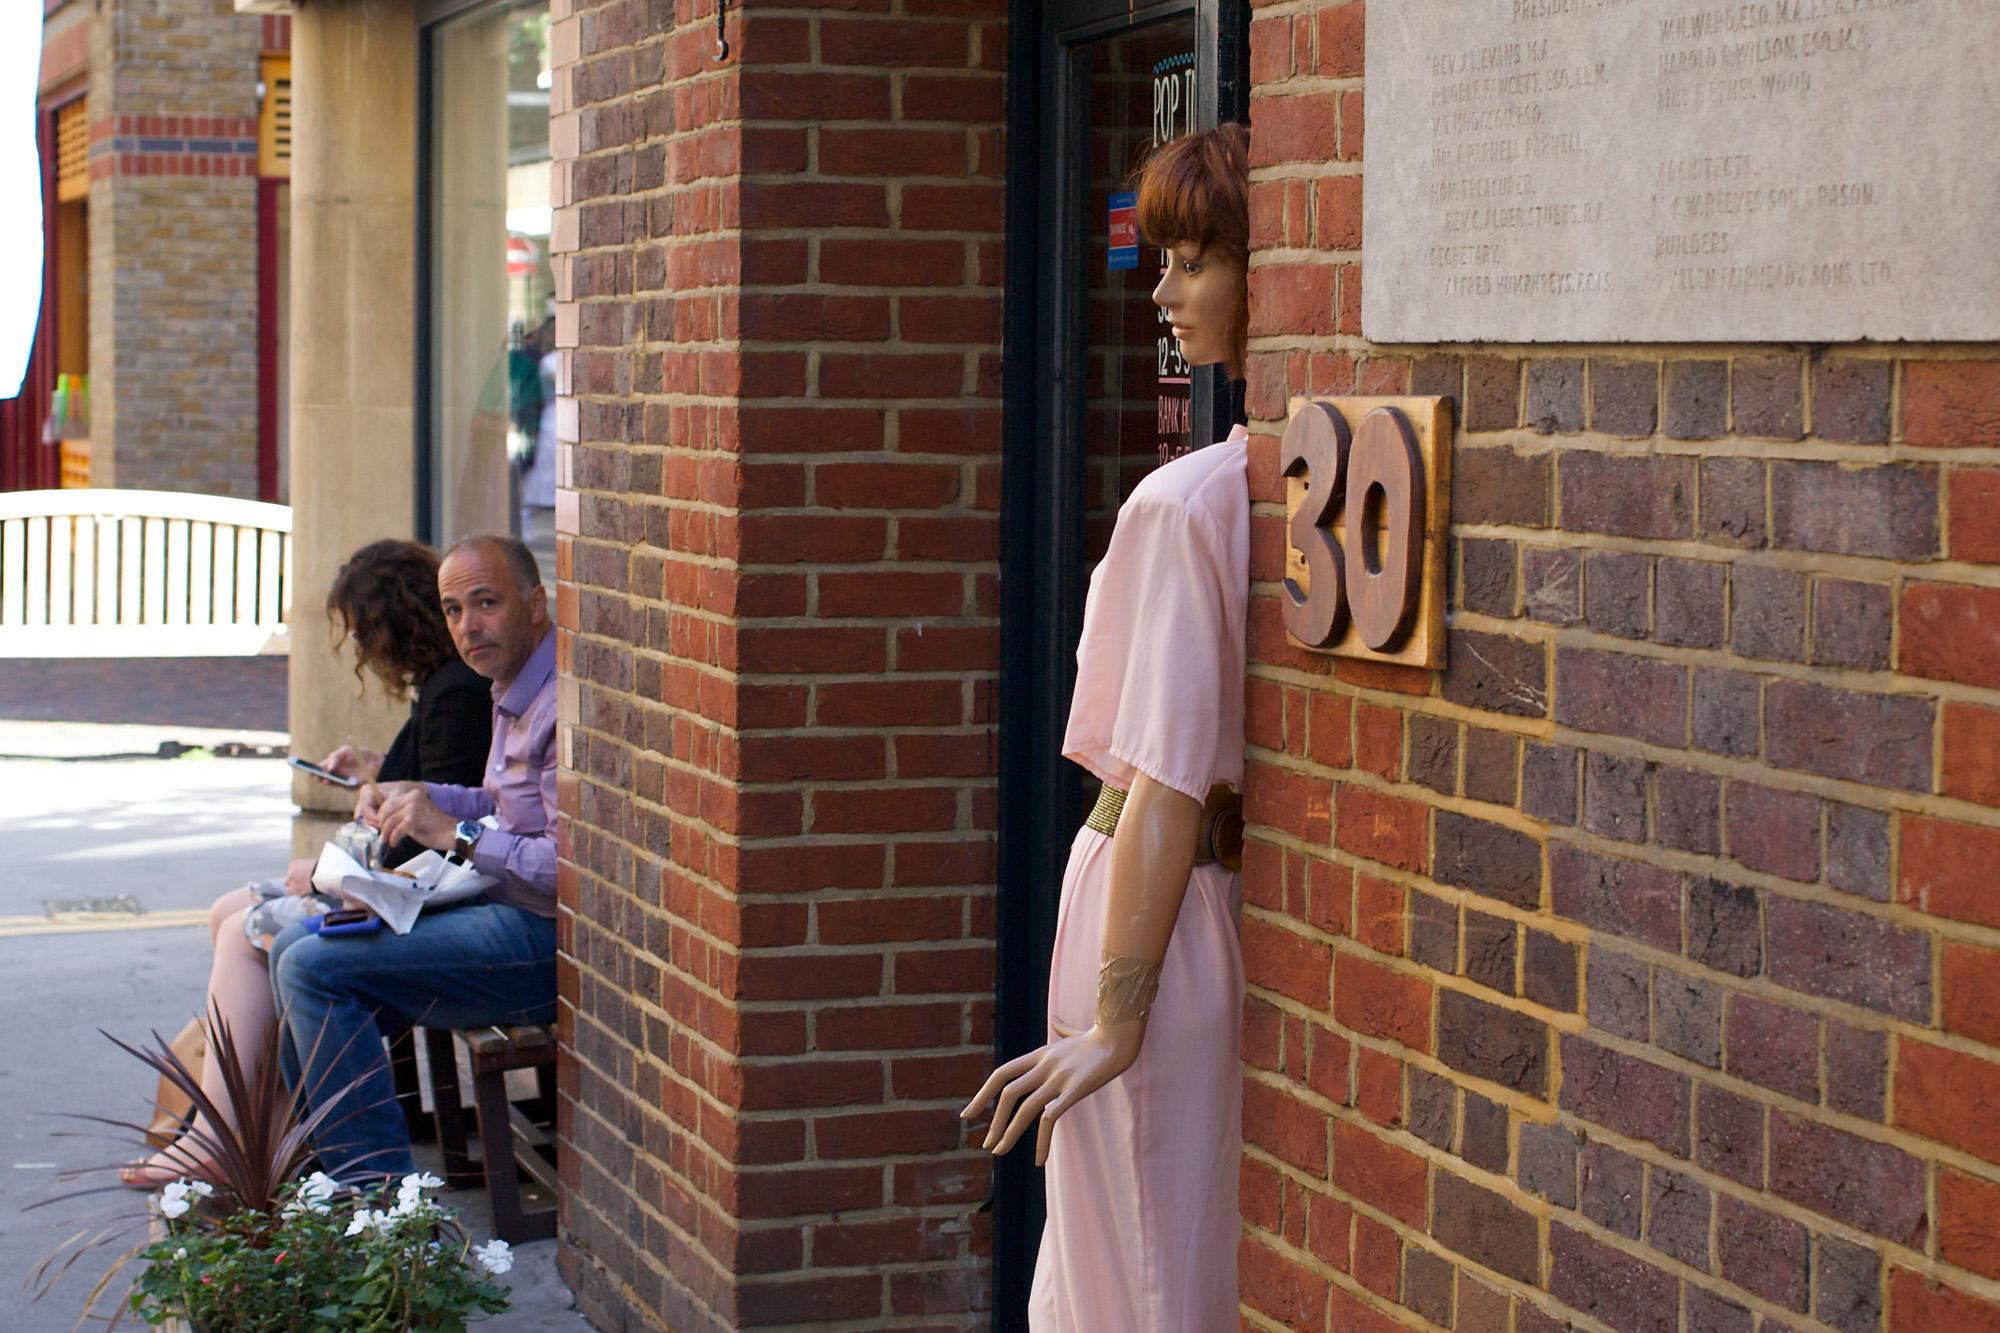 mannequin peeps out of shop door